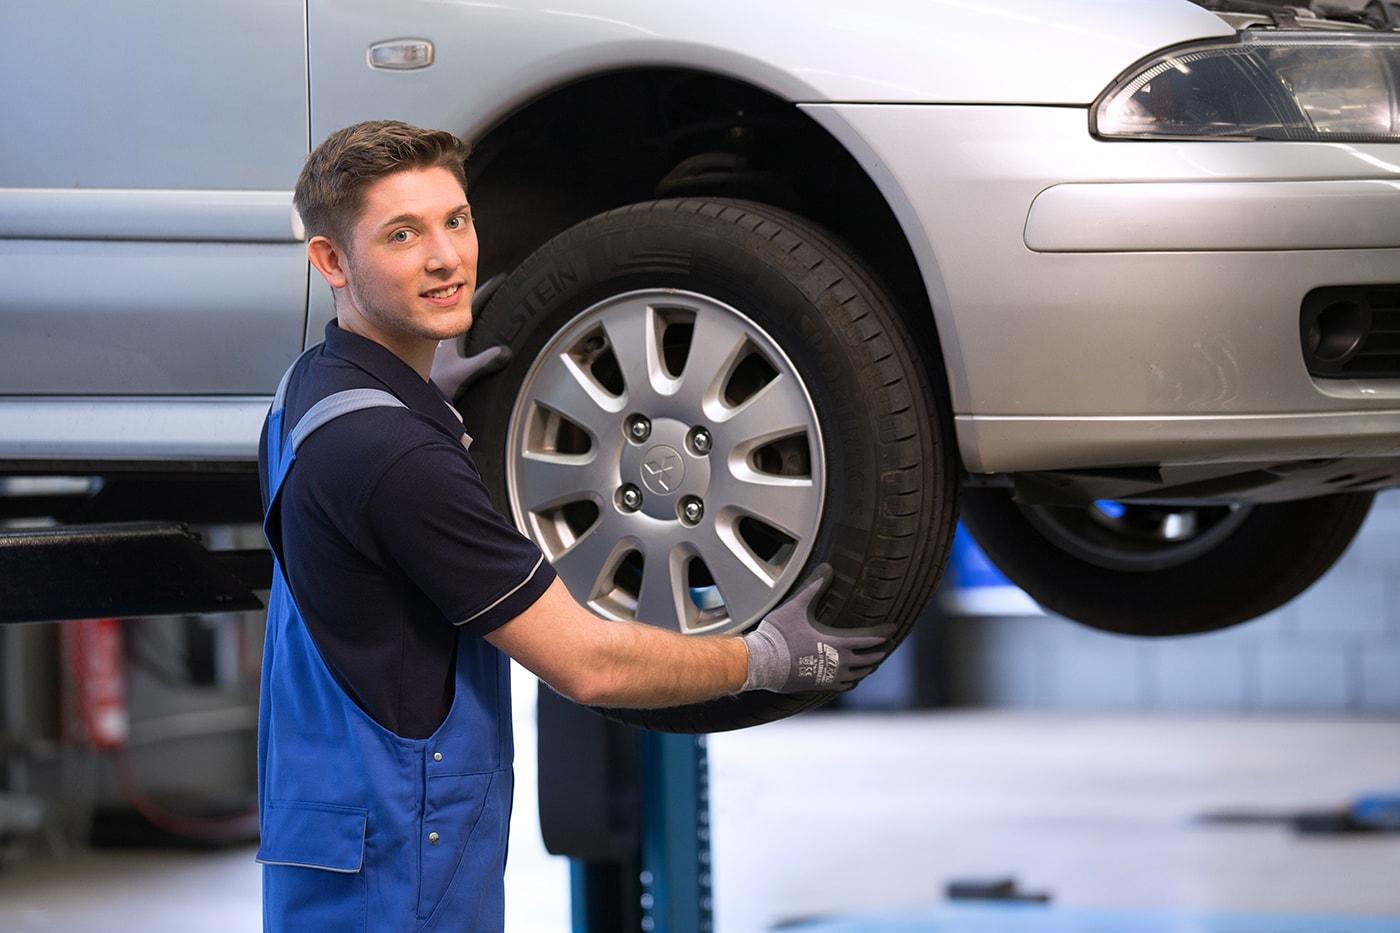 Ausbildung zum Mechaniker für Reifen- und Vulkanisationstechnik mit dem Schwerpunkt Reifen- und Fahrwerktechnik (m/w/d) für 2021 (229/MechRuV)